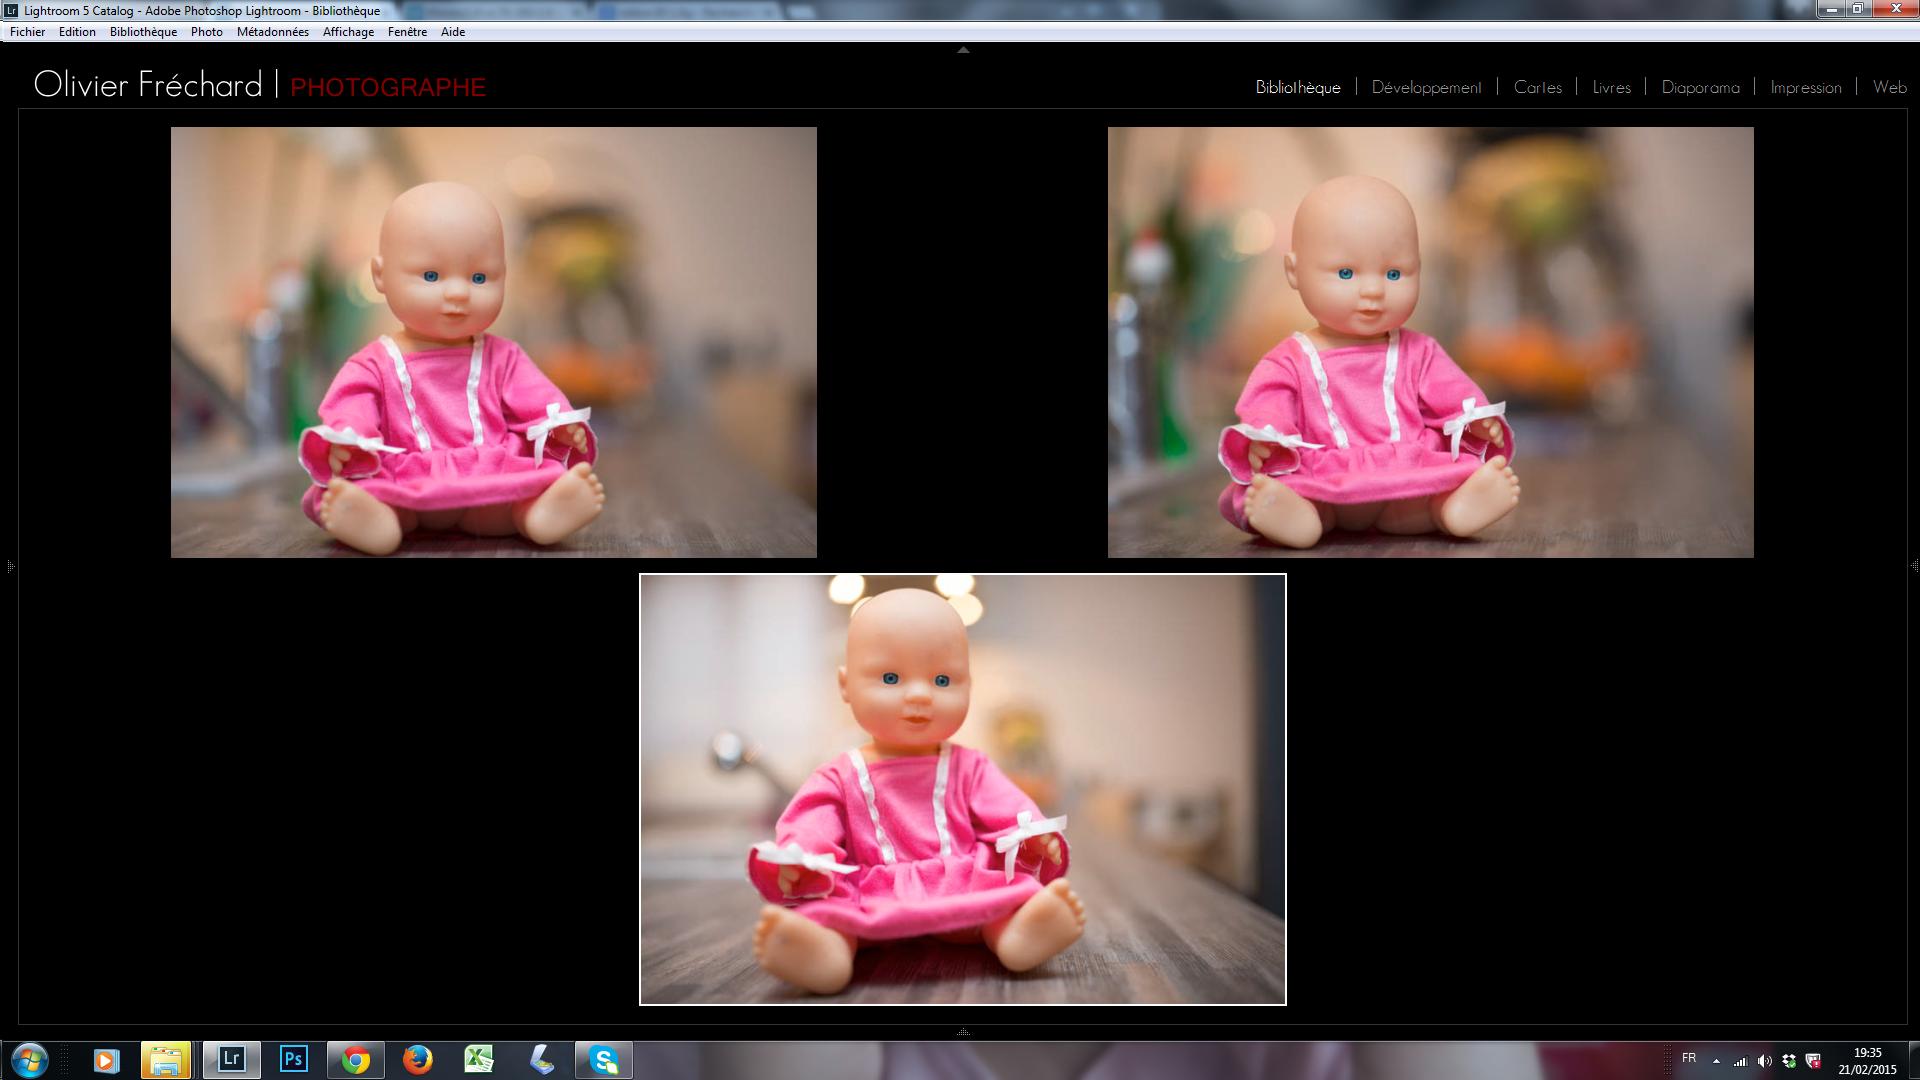 Le même sujet avec 3 cadrages/focales différents : 85mm/1.8 en haut à gauche- 200mm/2.8 en haut à droite - 35mm/1.4 en bas